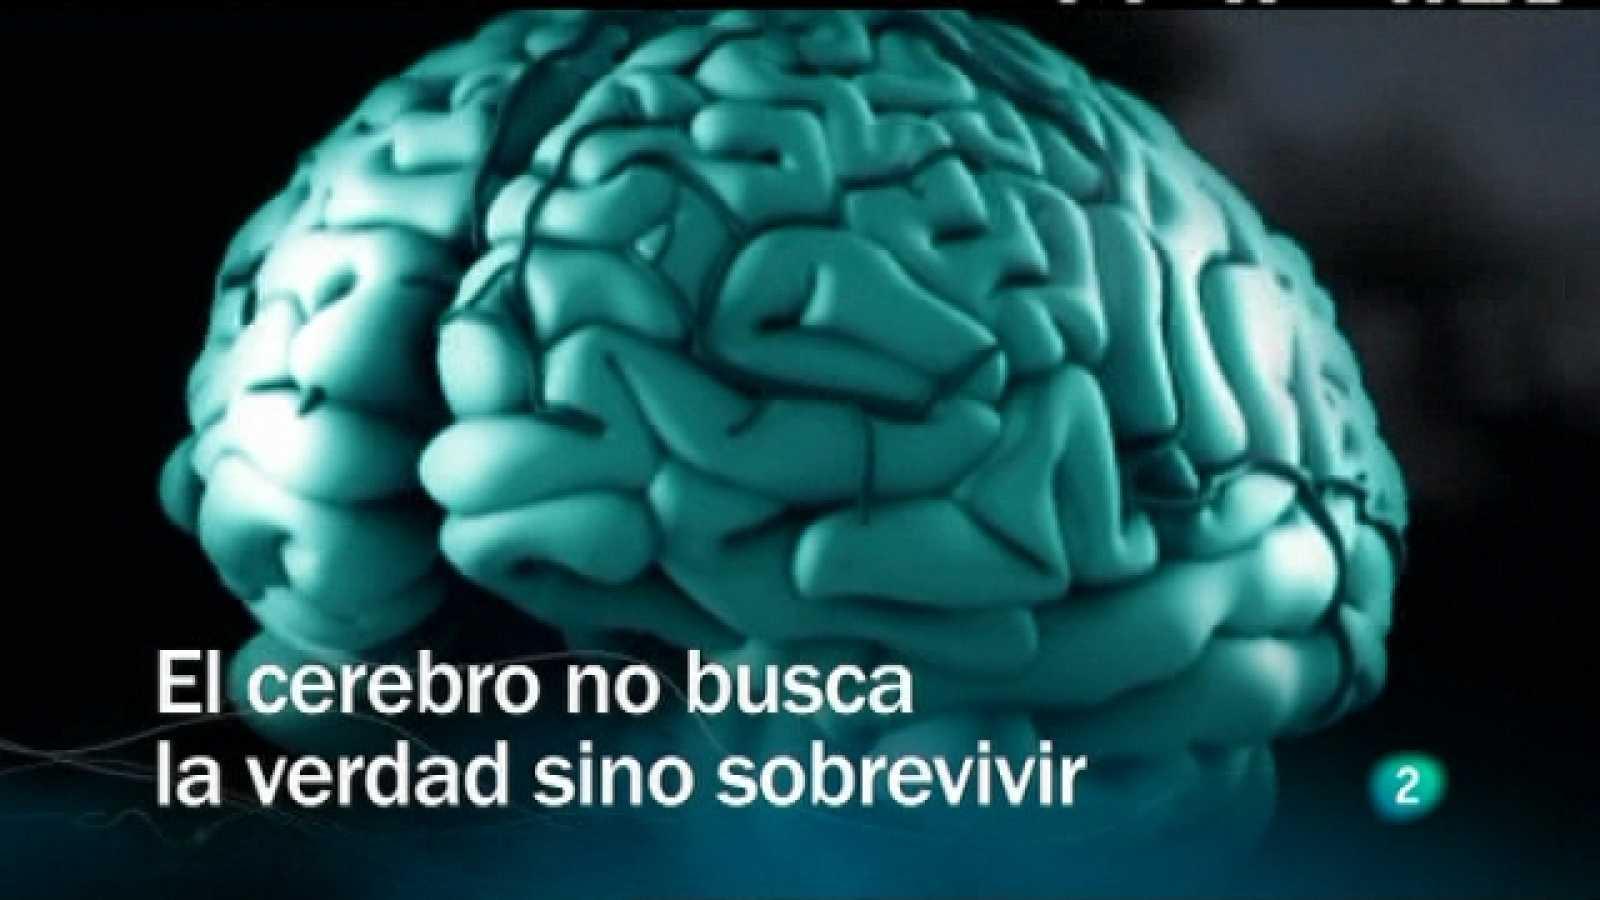 Redes - El cerebro no busca la verdad sino sobrevivir